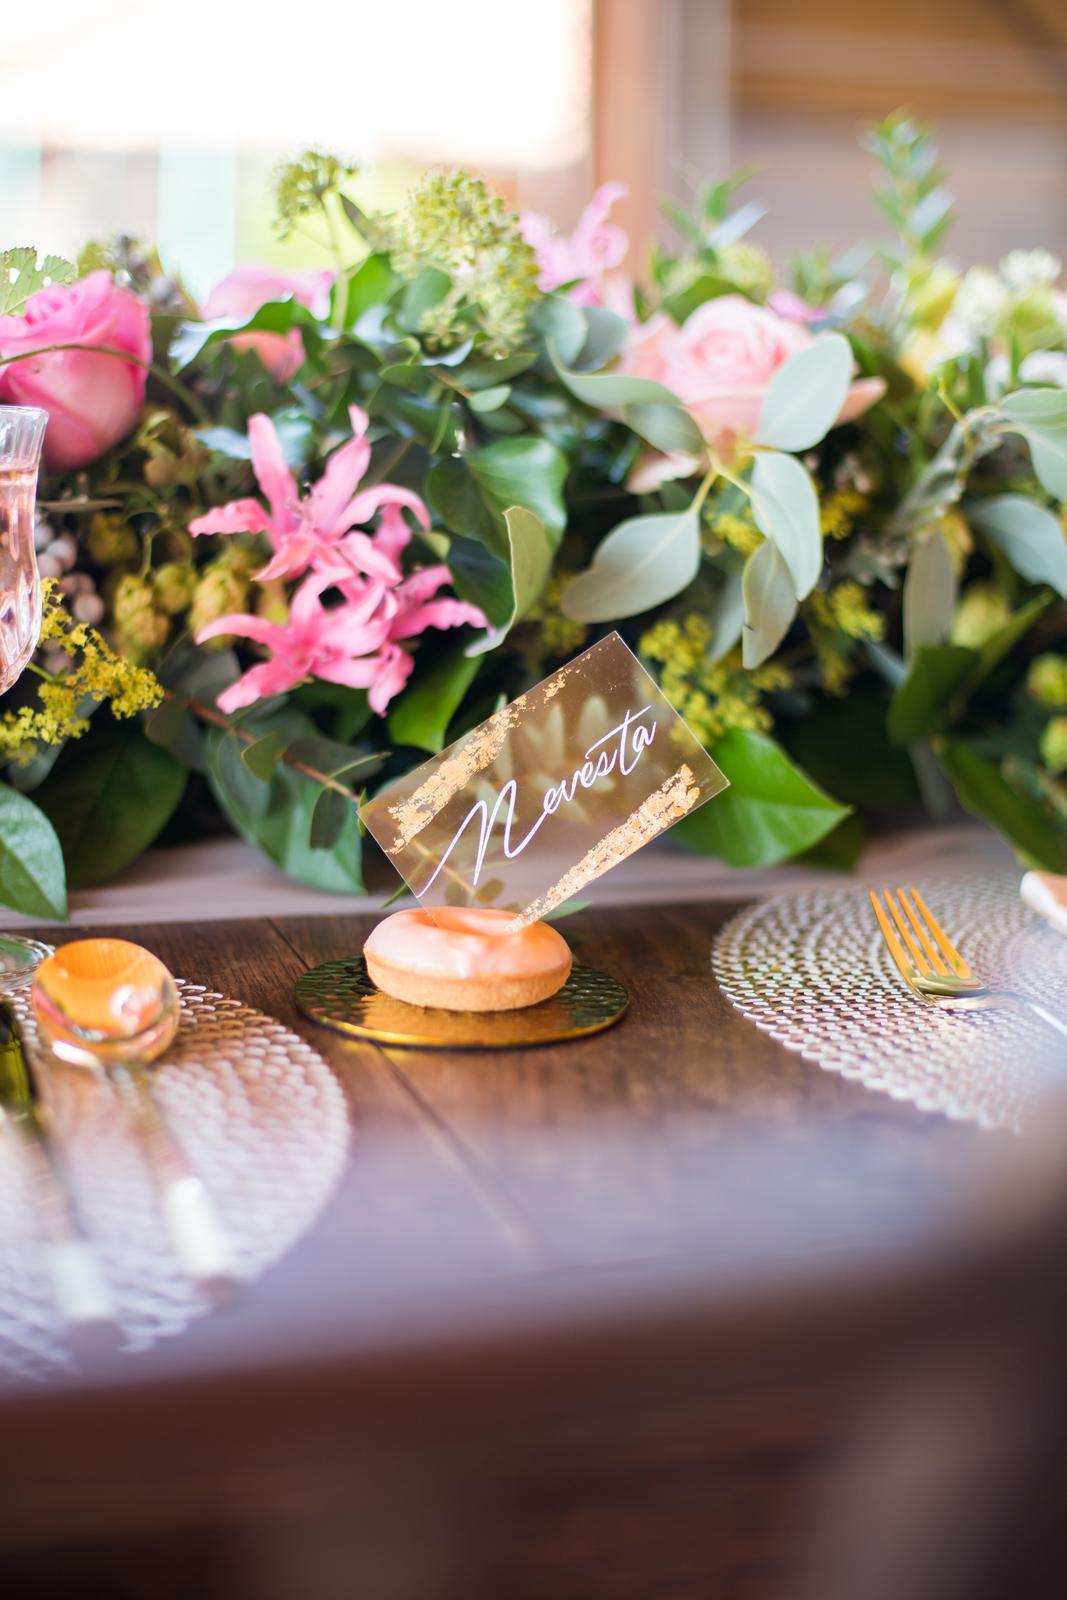 Originálne svadobné tlačoviny na transparentnom plaste doplnené plátkovým zlatom - Obrázok č. 11